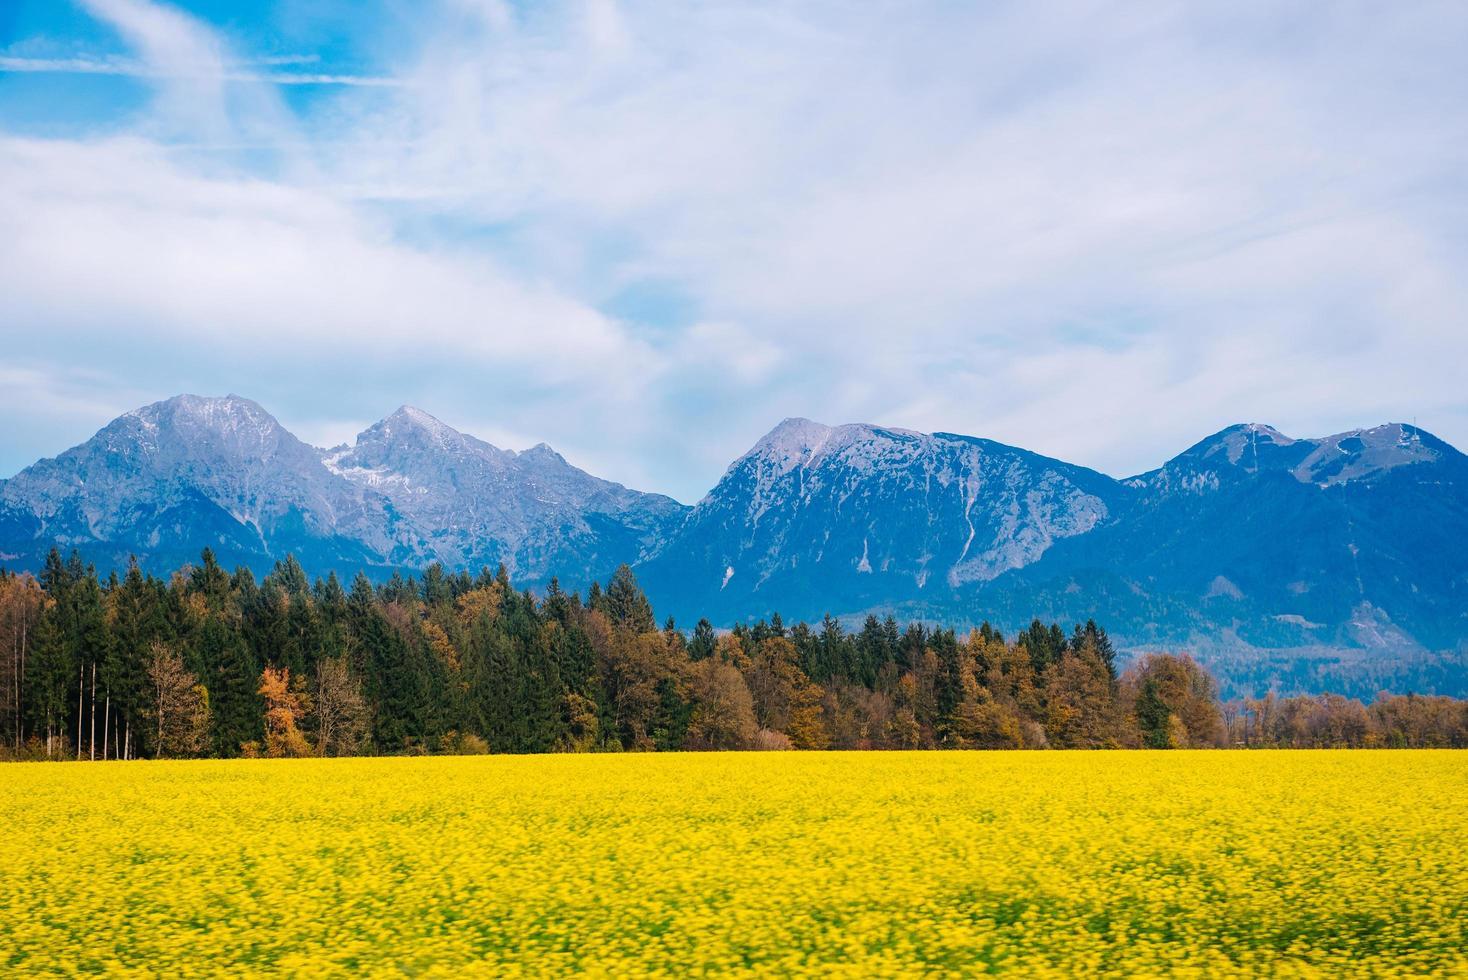 montañas de los alpes en eslovenia foto